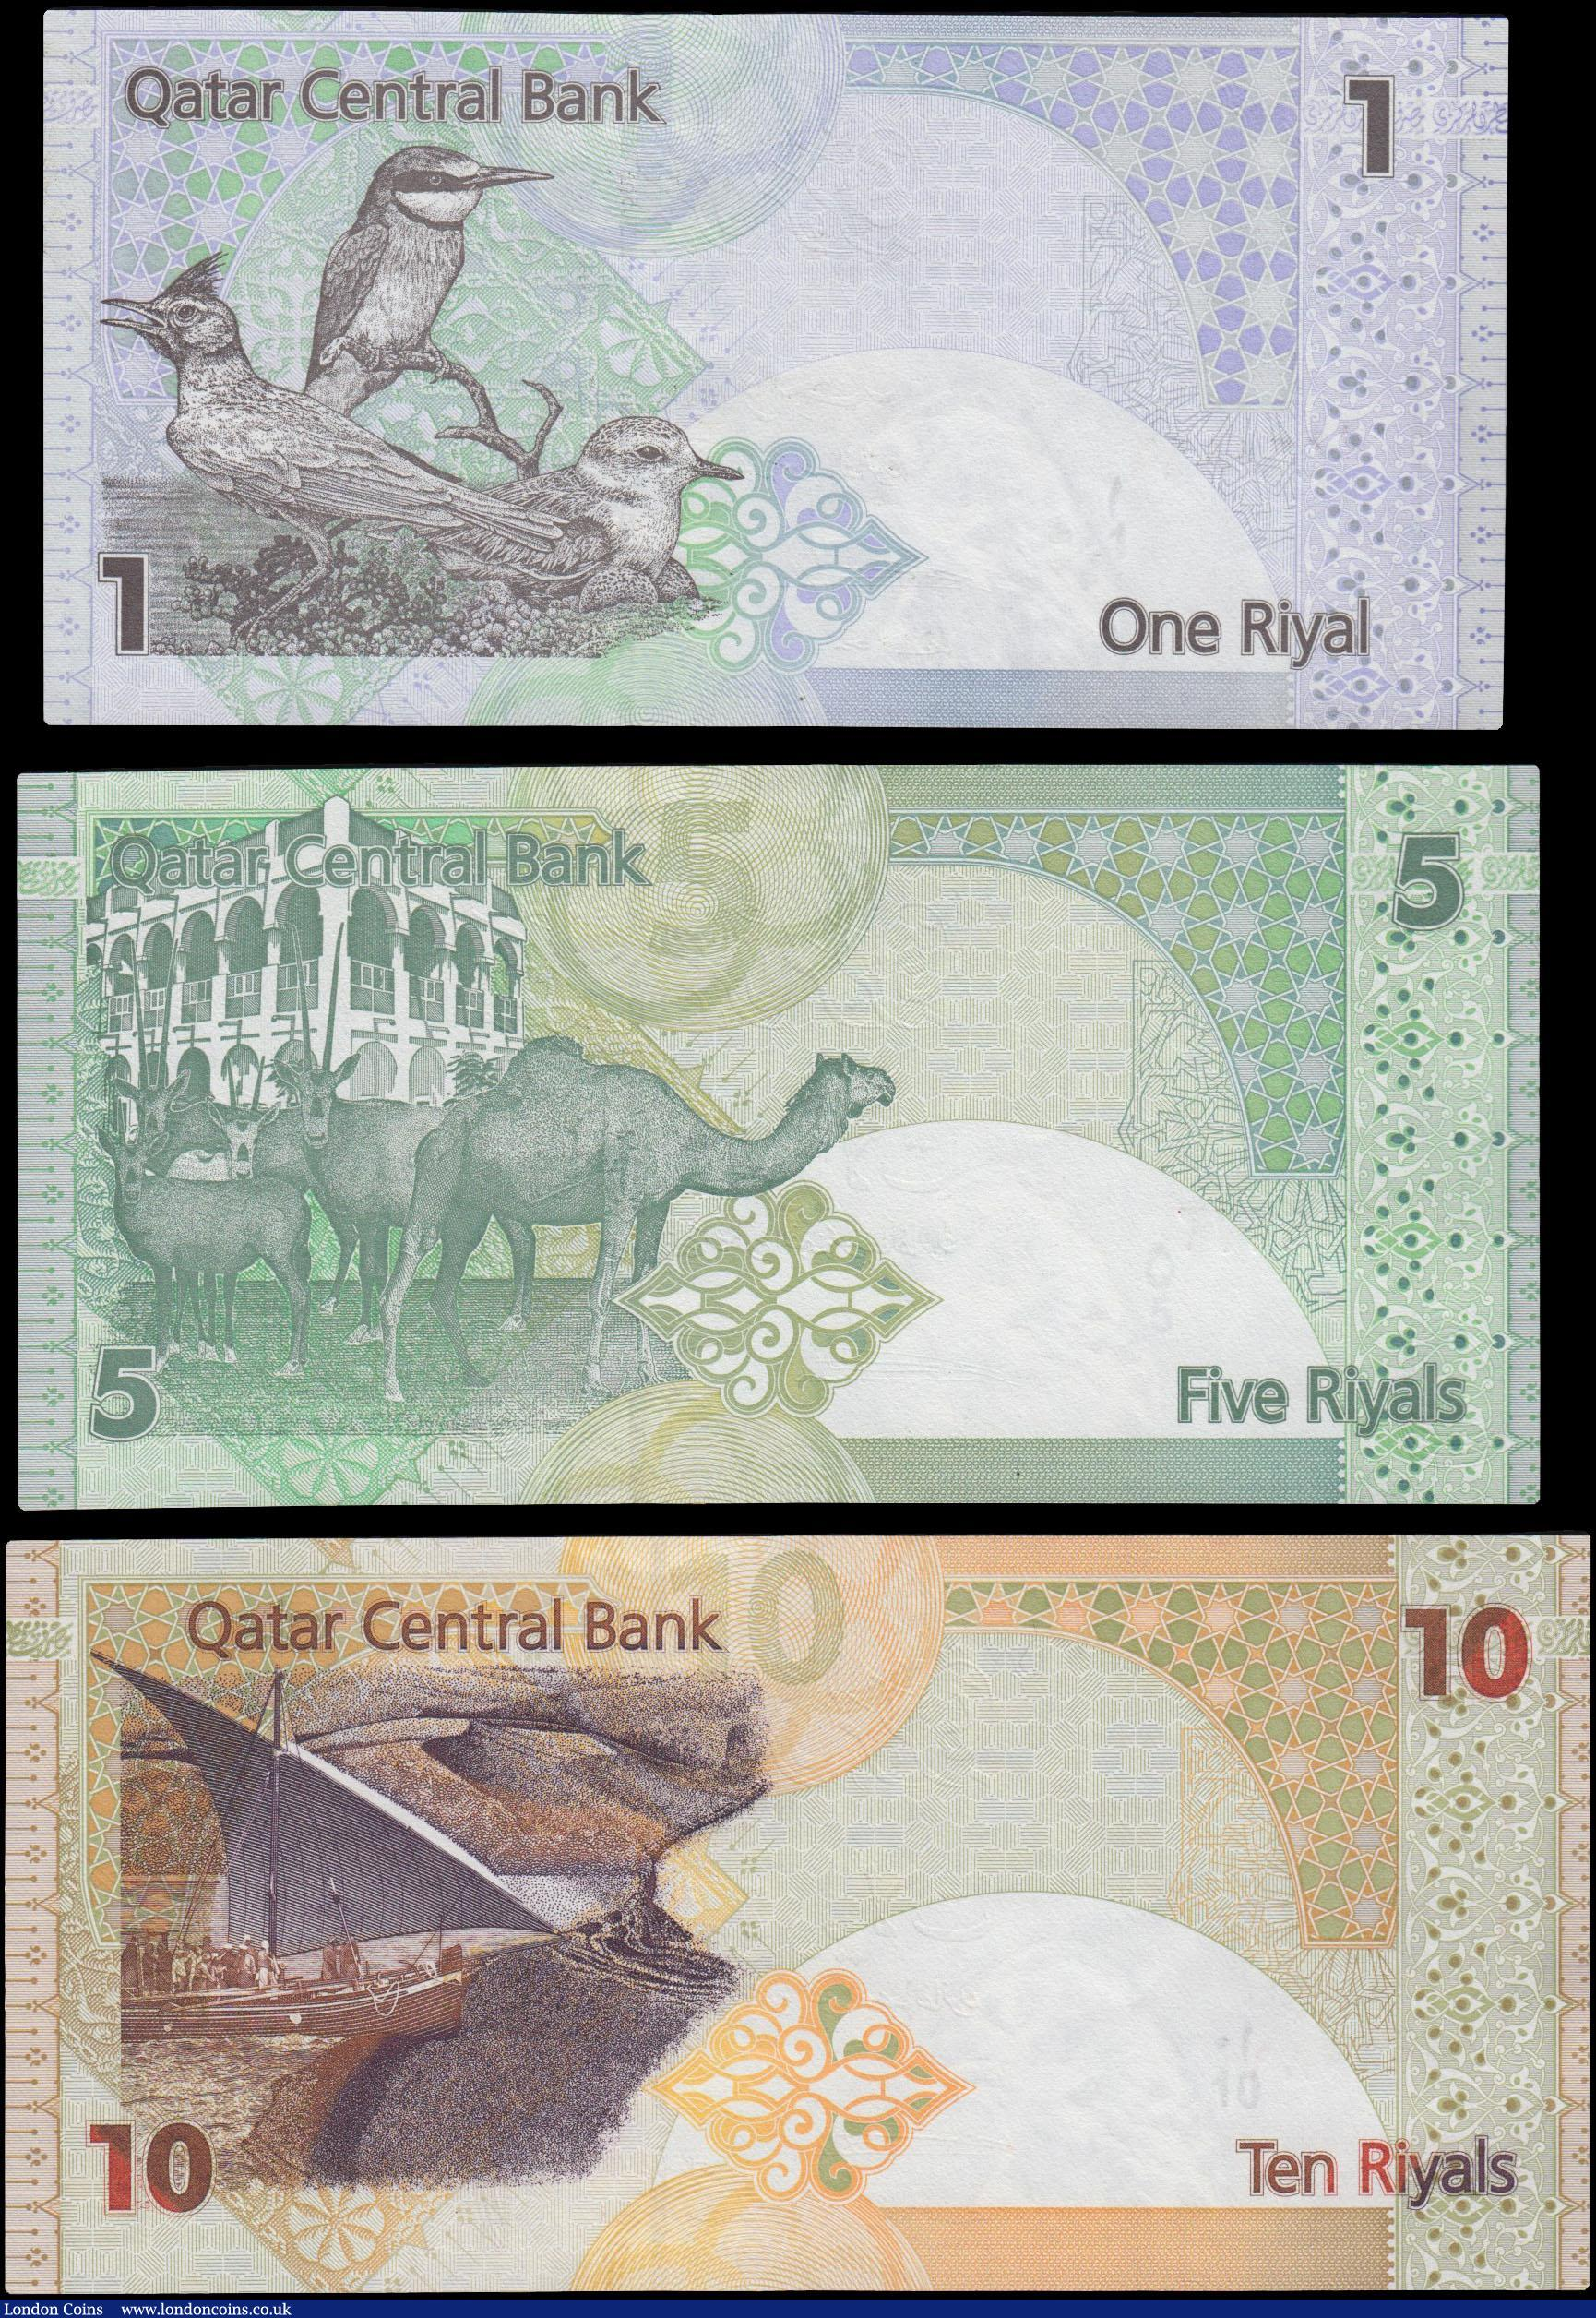 Lot of 5 Bank Notes from Qatar 1 Riyal Uncirculated